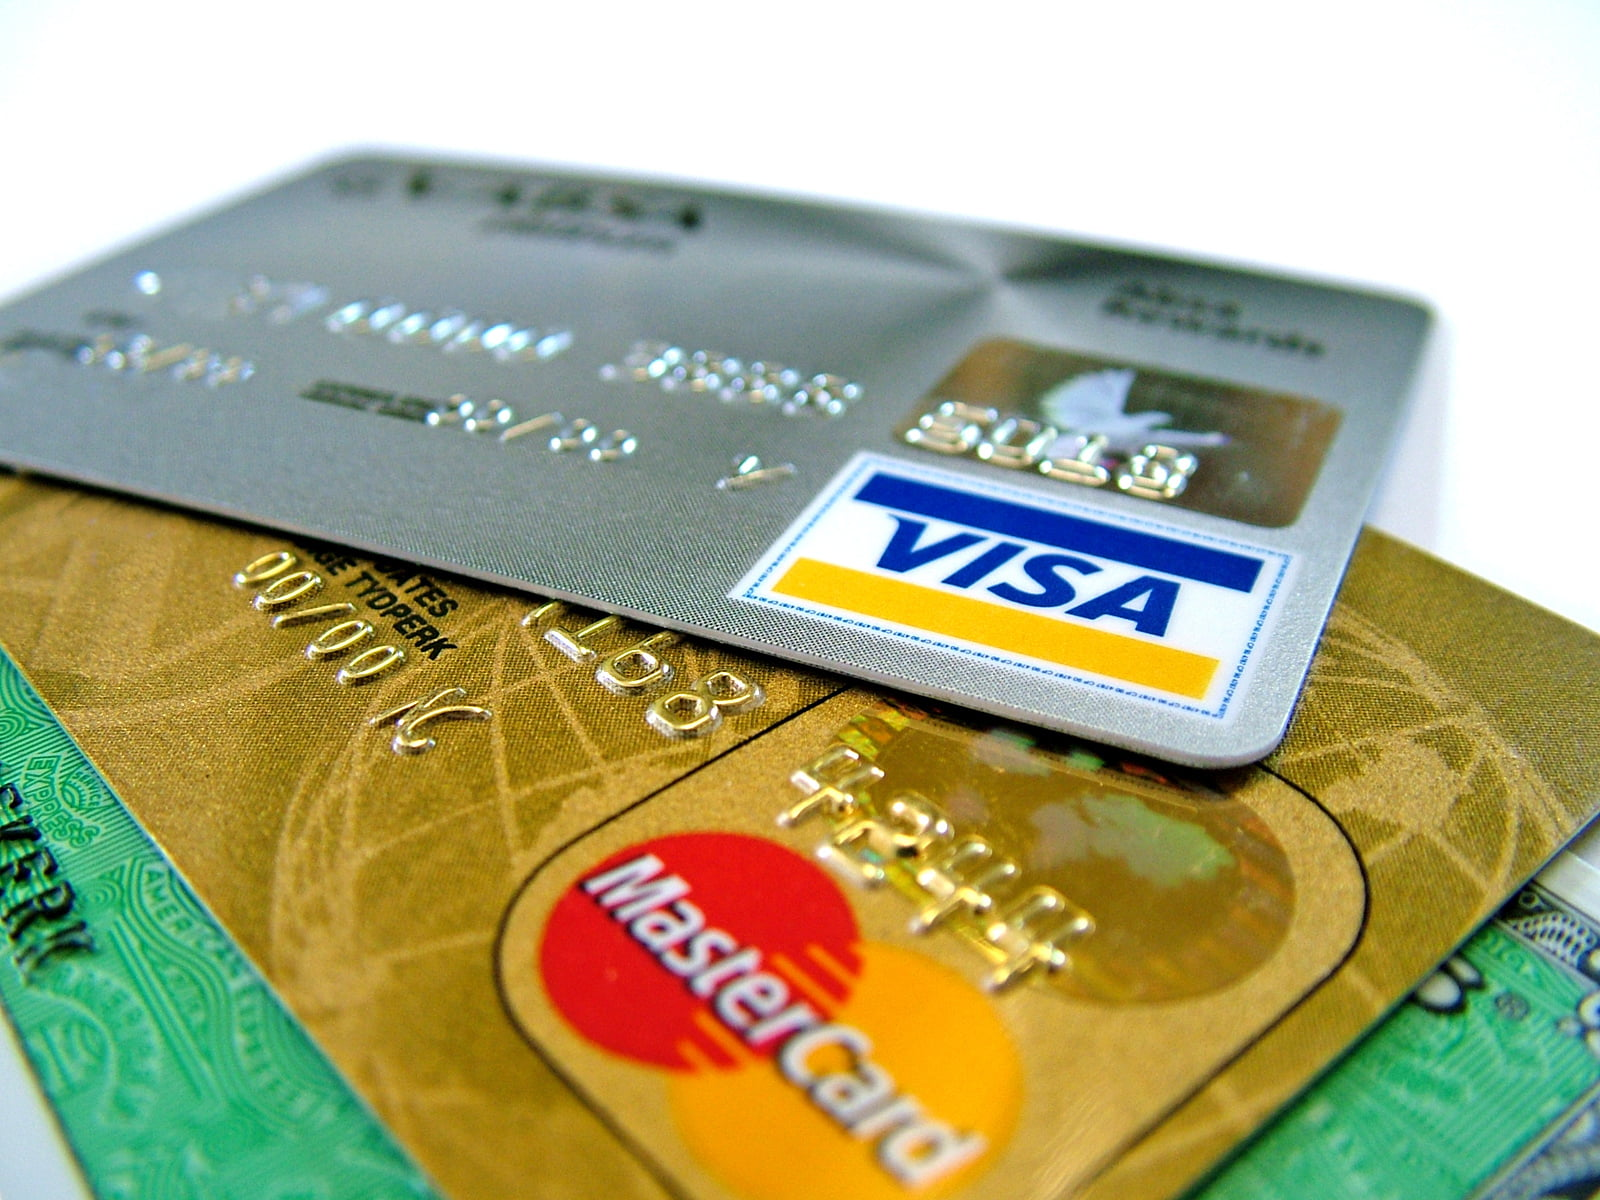 bitcoin atm, bitcoin debit card, bitcoin canada